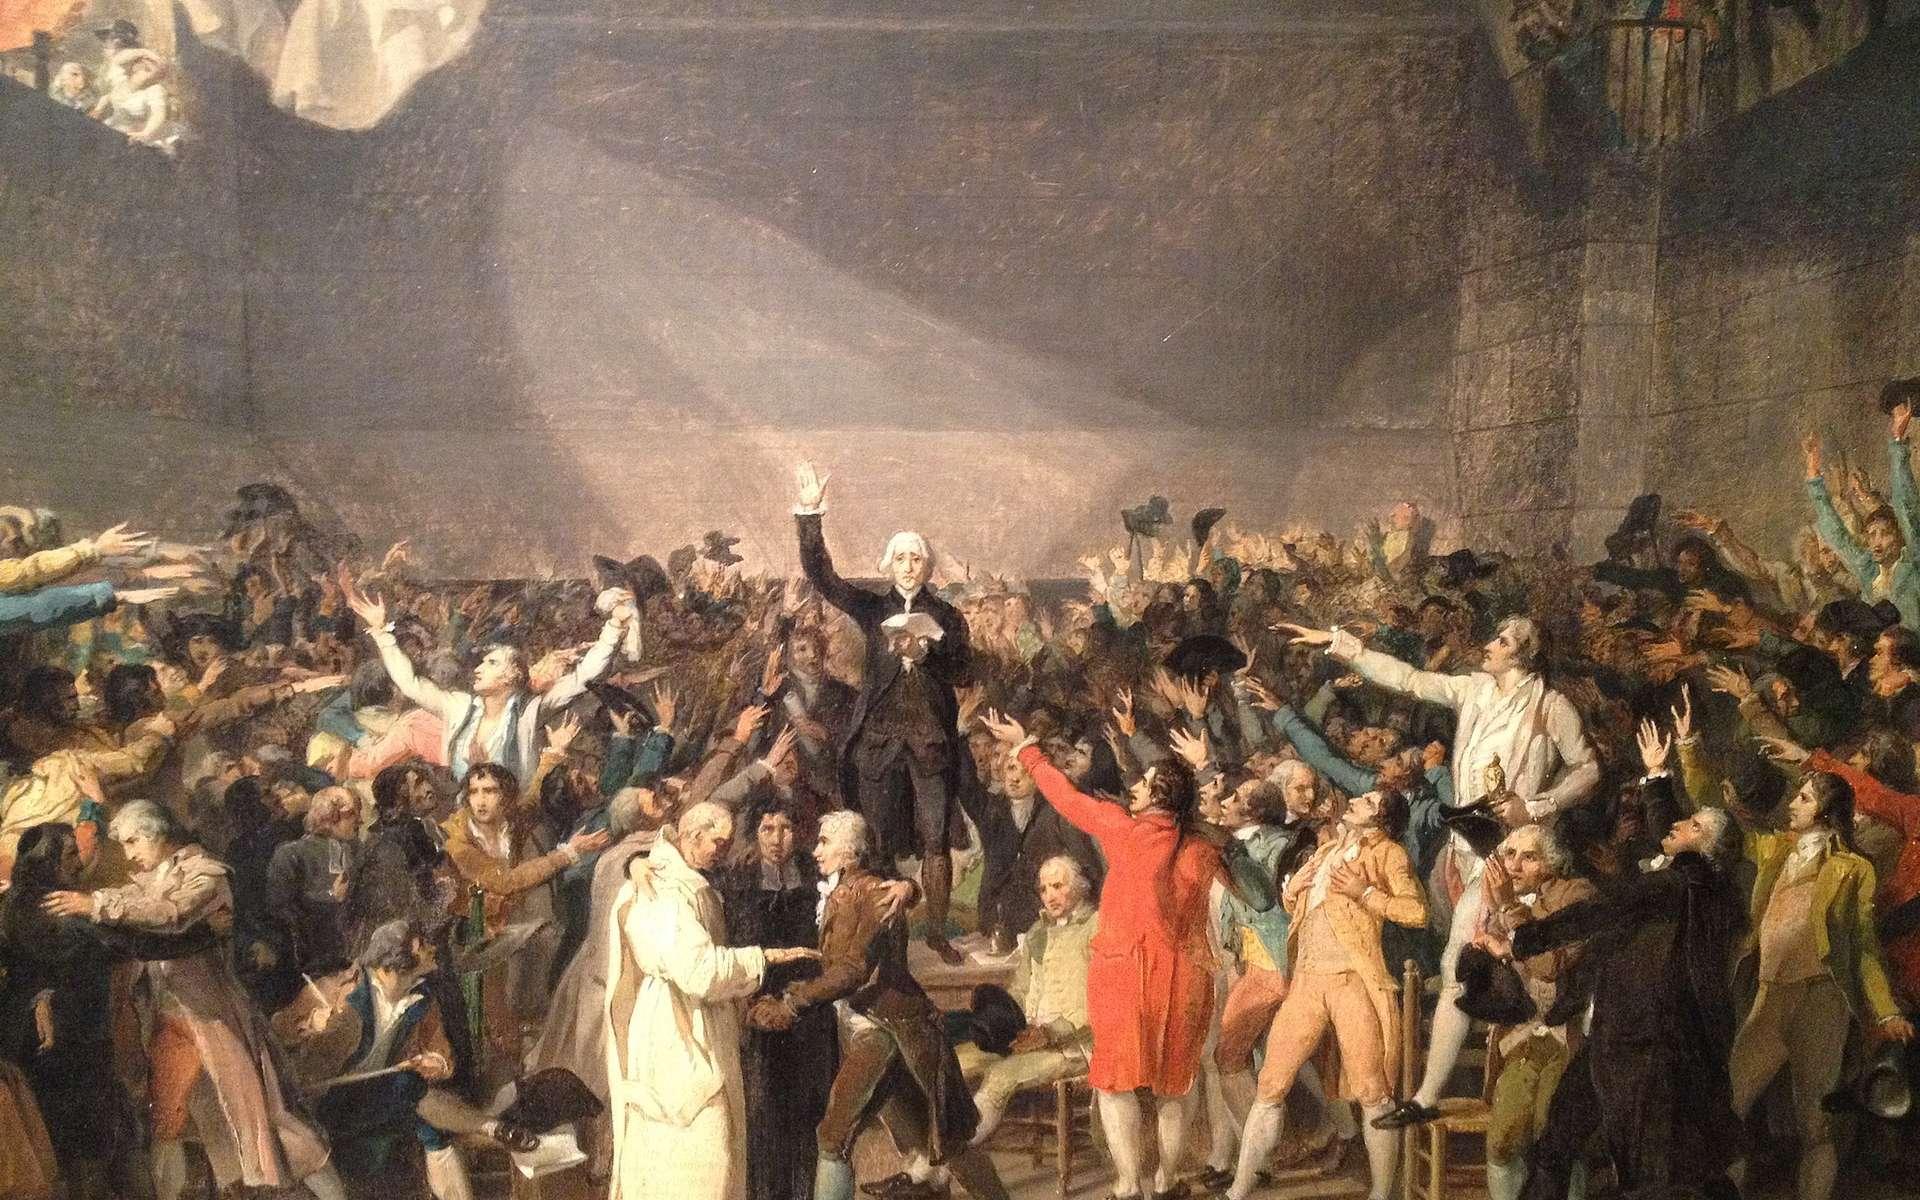 Le 20 juin 1789, des députés prononcent le serment du Jeu de paume et promettent de ne pas se séparer avant qu'une Constitution ne soit adoptée. © Jacques-Louis David, Wikimedia Commons, Domaine public